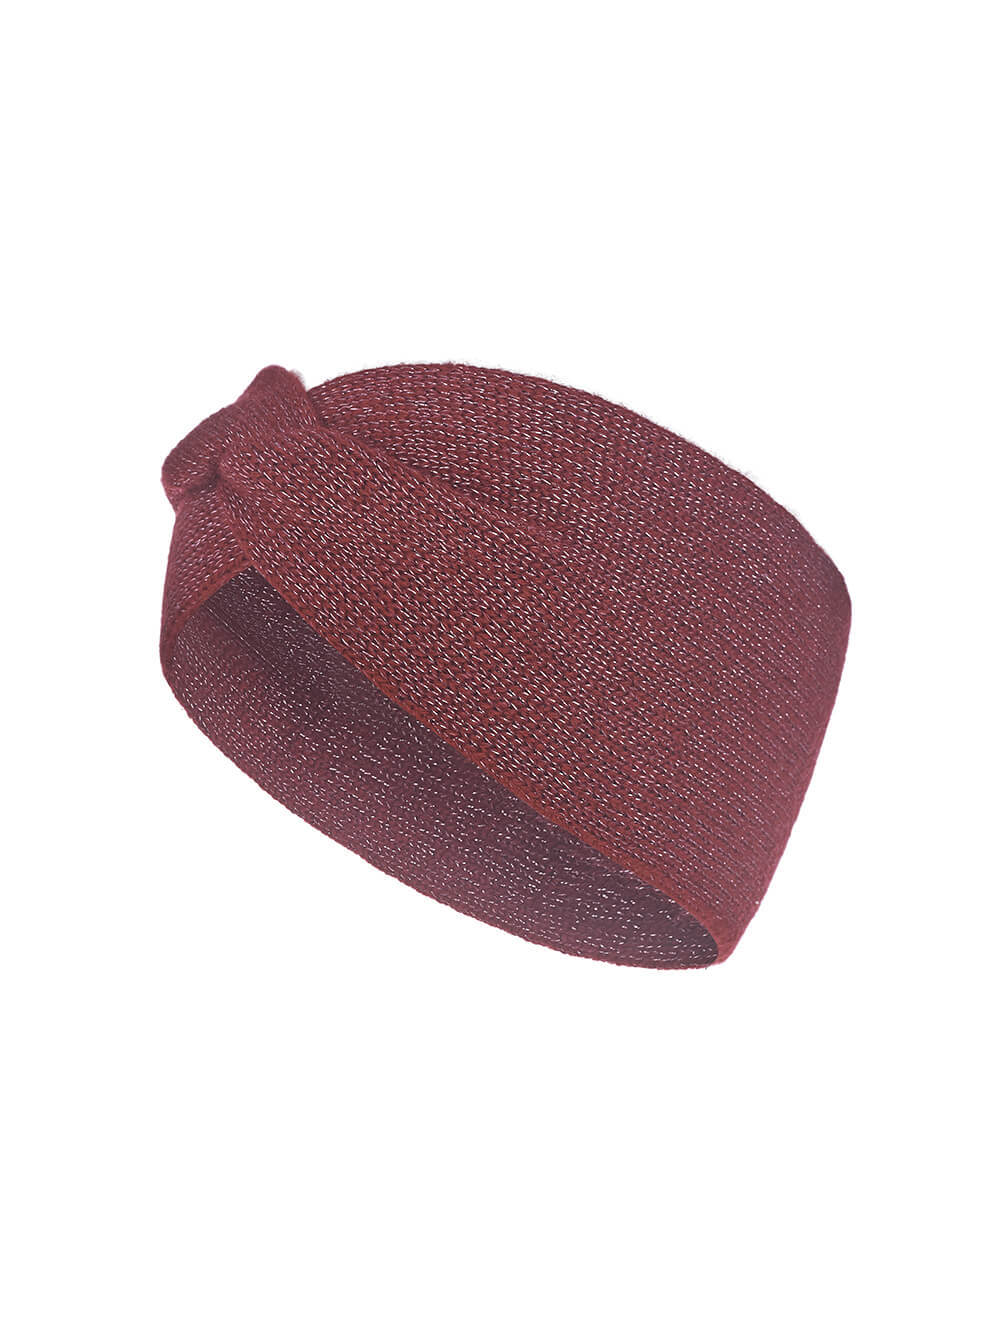 Женская повязка на голову красного цвета из кашемира - фото 1